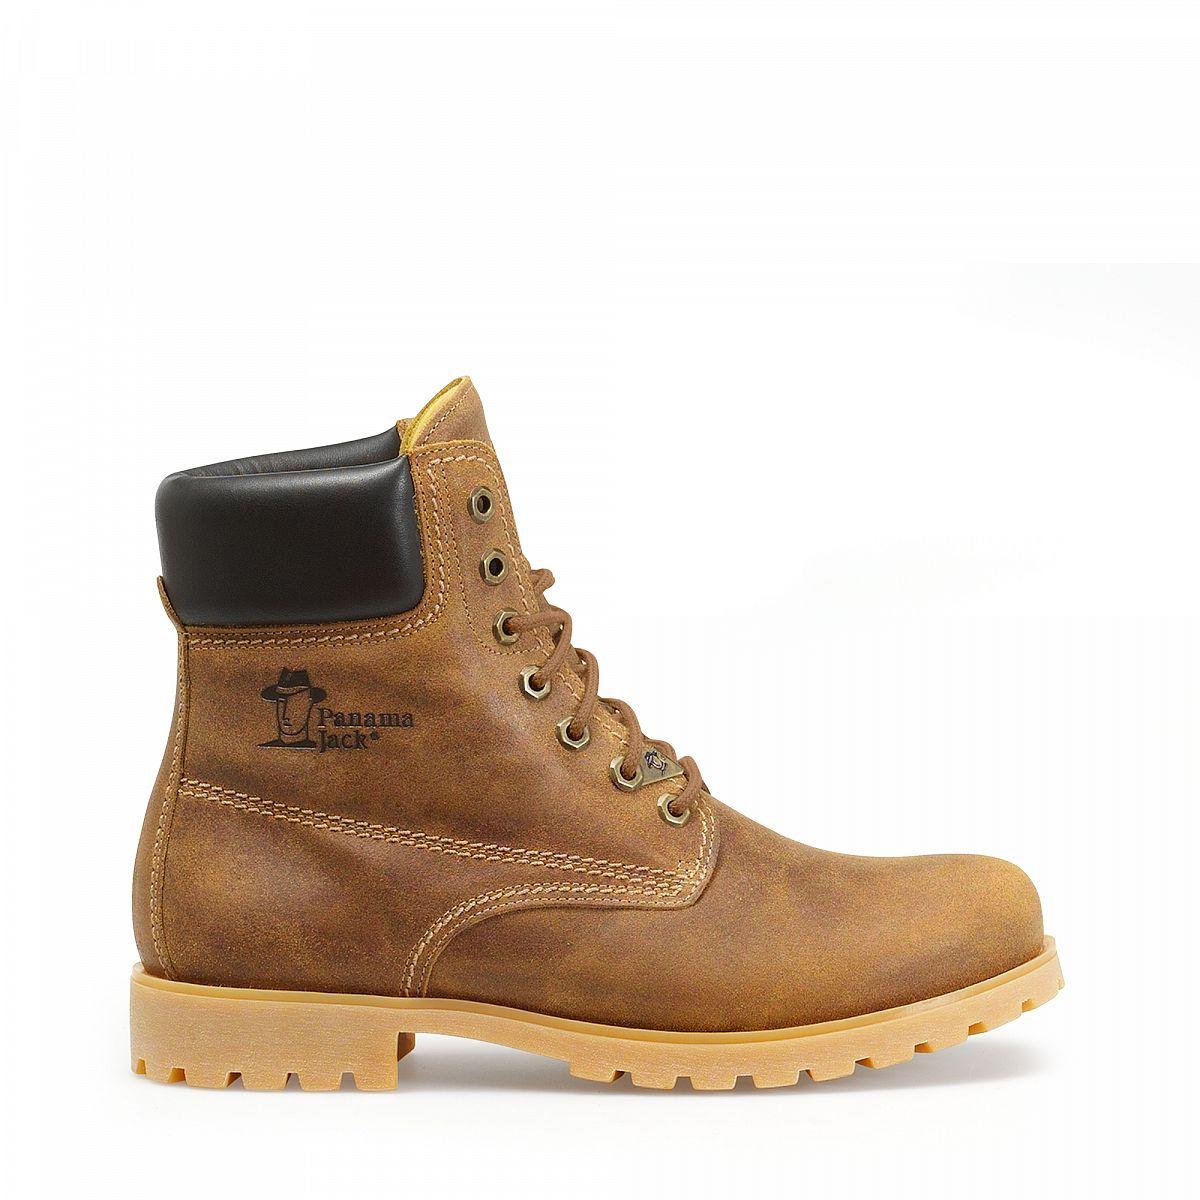 Panama Jack Shoes Online Shop